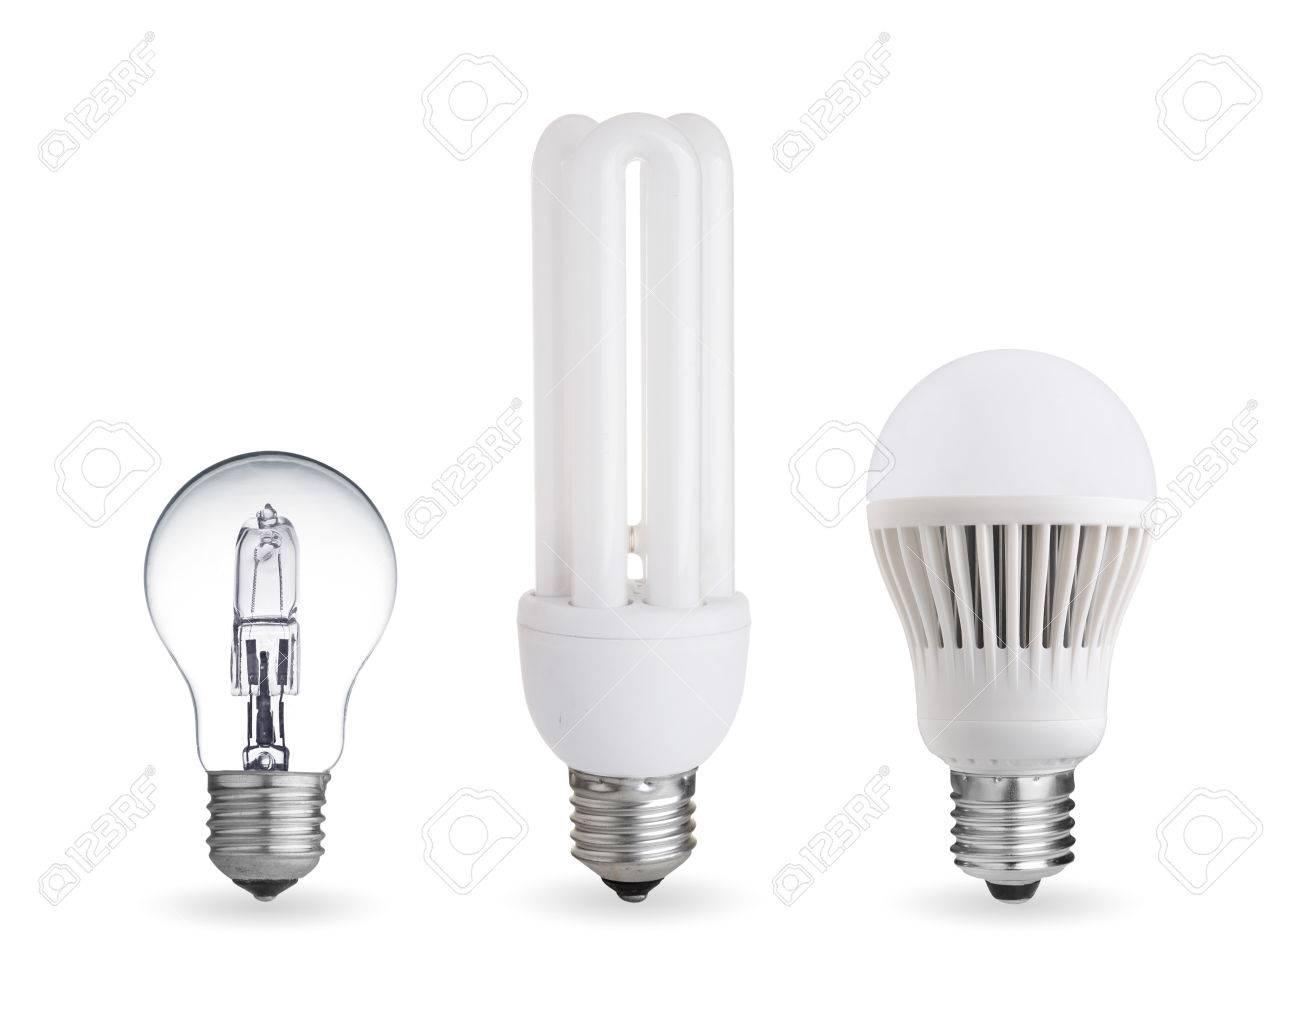 HalogèneFluorescente Et HalogèneFluorescente HalogèneFluorescente Et Led Ampoule Ampoule Led Ampoule dsCxrthQBo